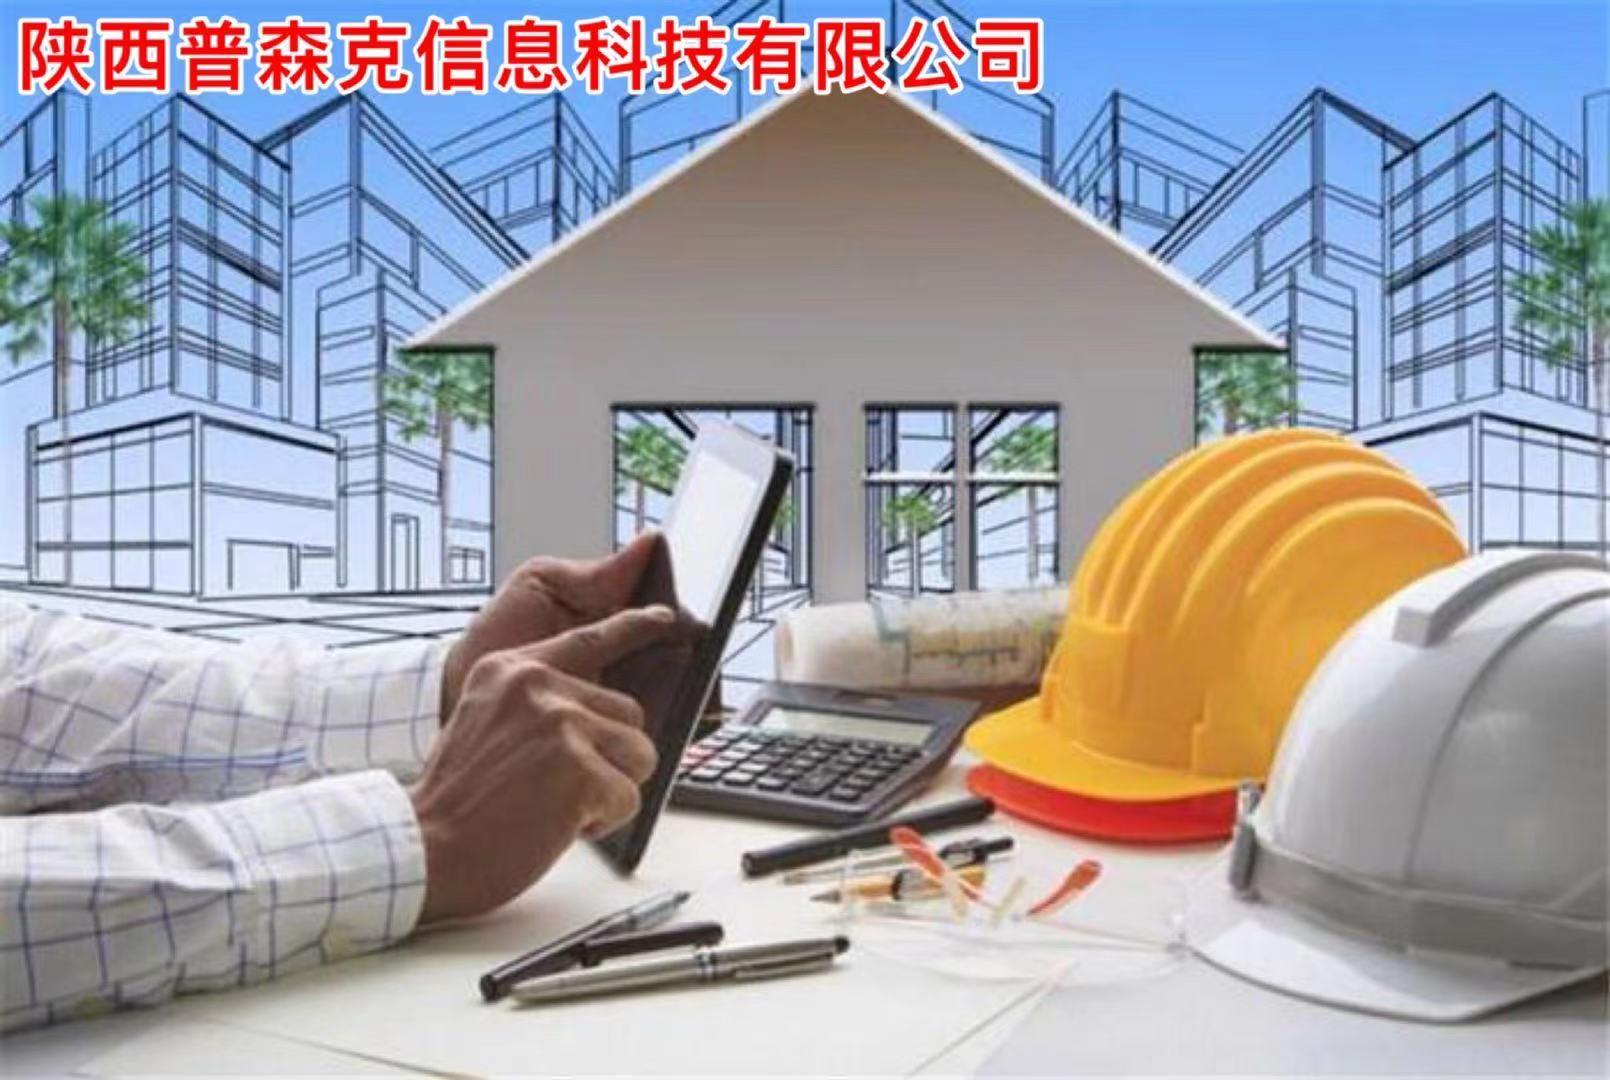 关于陕西工程师职称证书的认可度图片